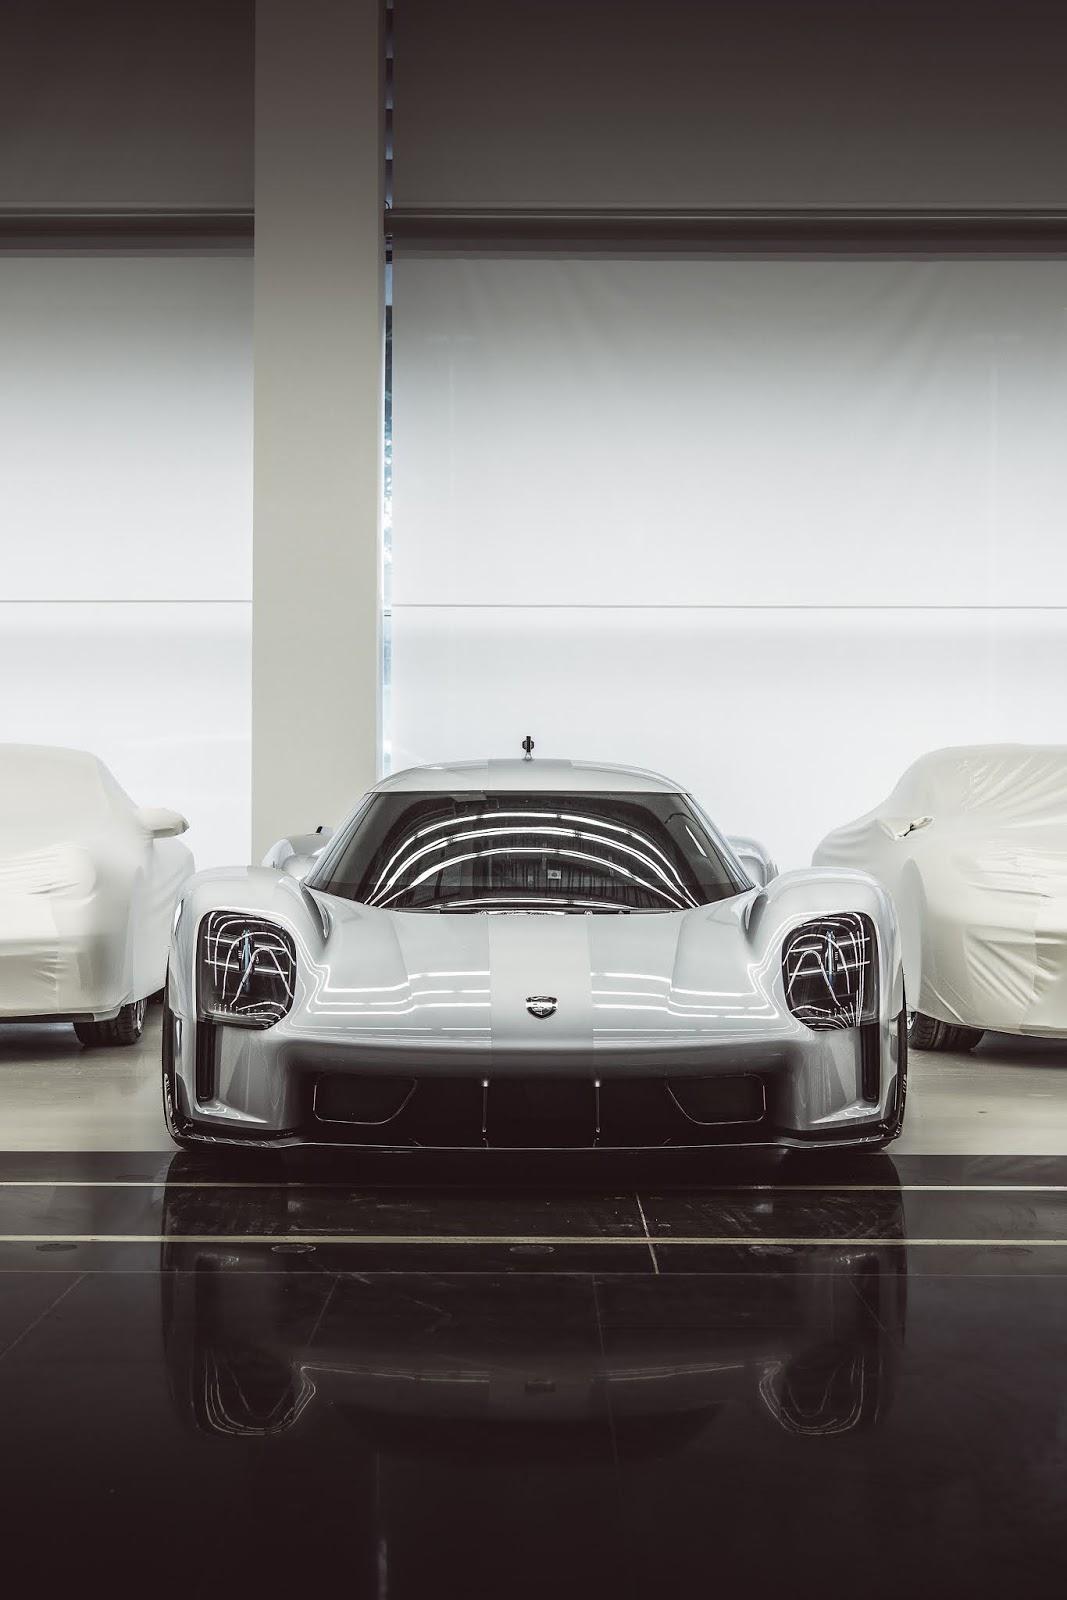 CUR7421 Τα άγνωστα Hypercars της Porsche hypercar, Porsche, Porsche Unseen, Sunday, supercar, supercars, zblog, ειδήσεις